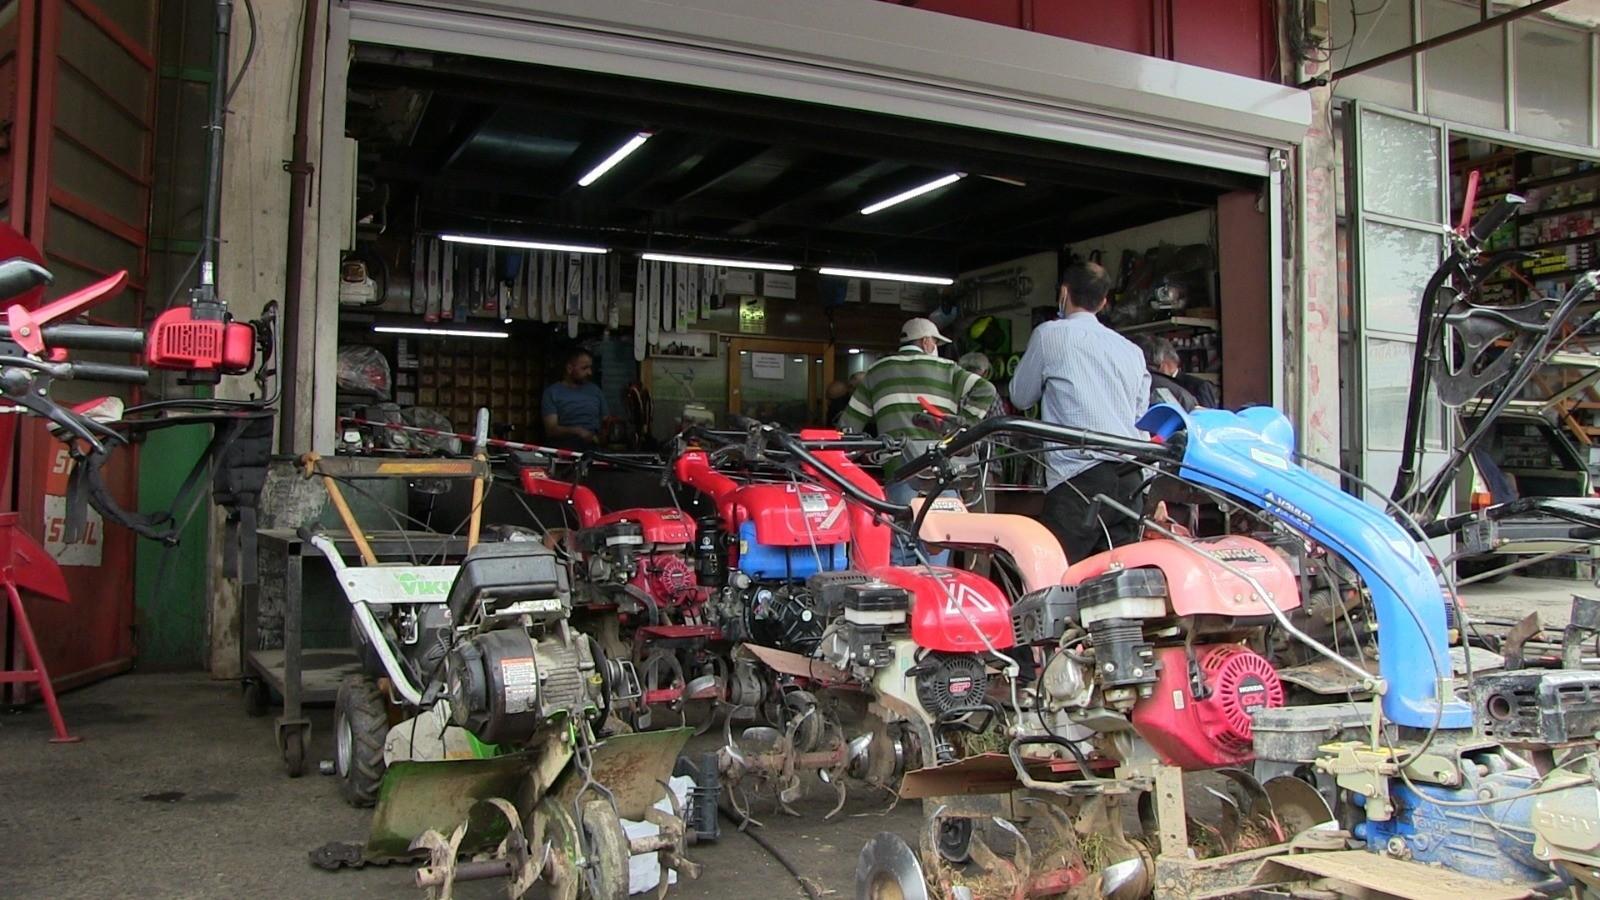 Artvin'de tam kapanma sonrası çiftçiler sanayiye akın etti